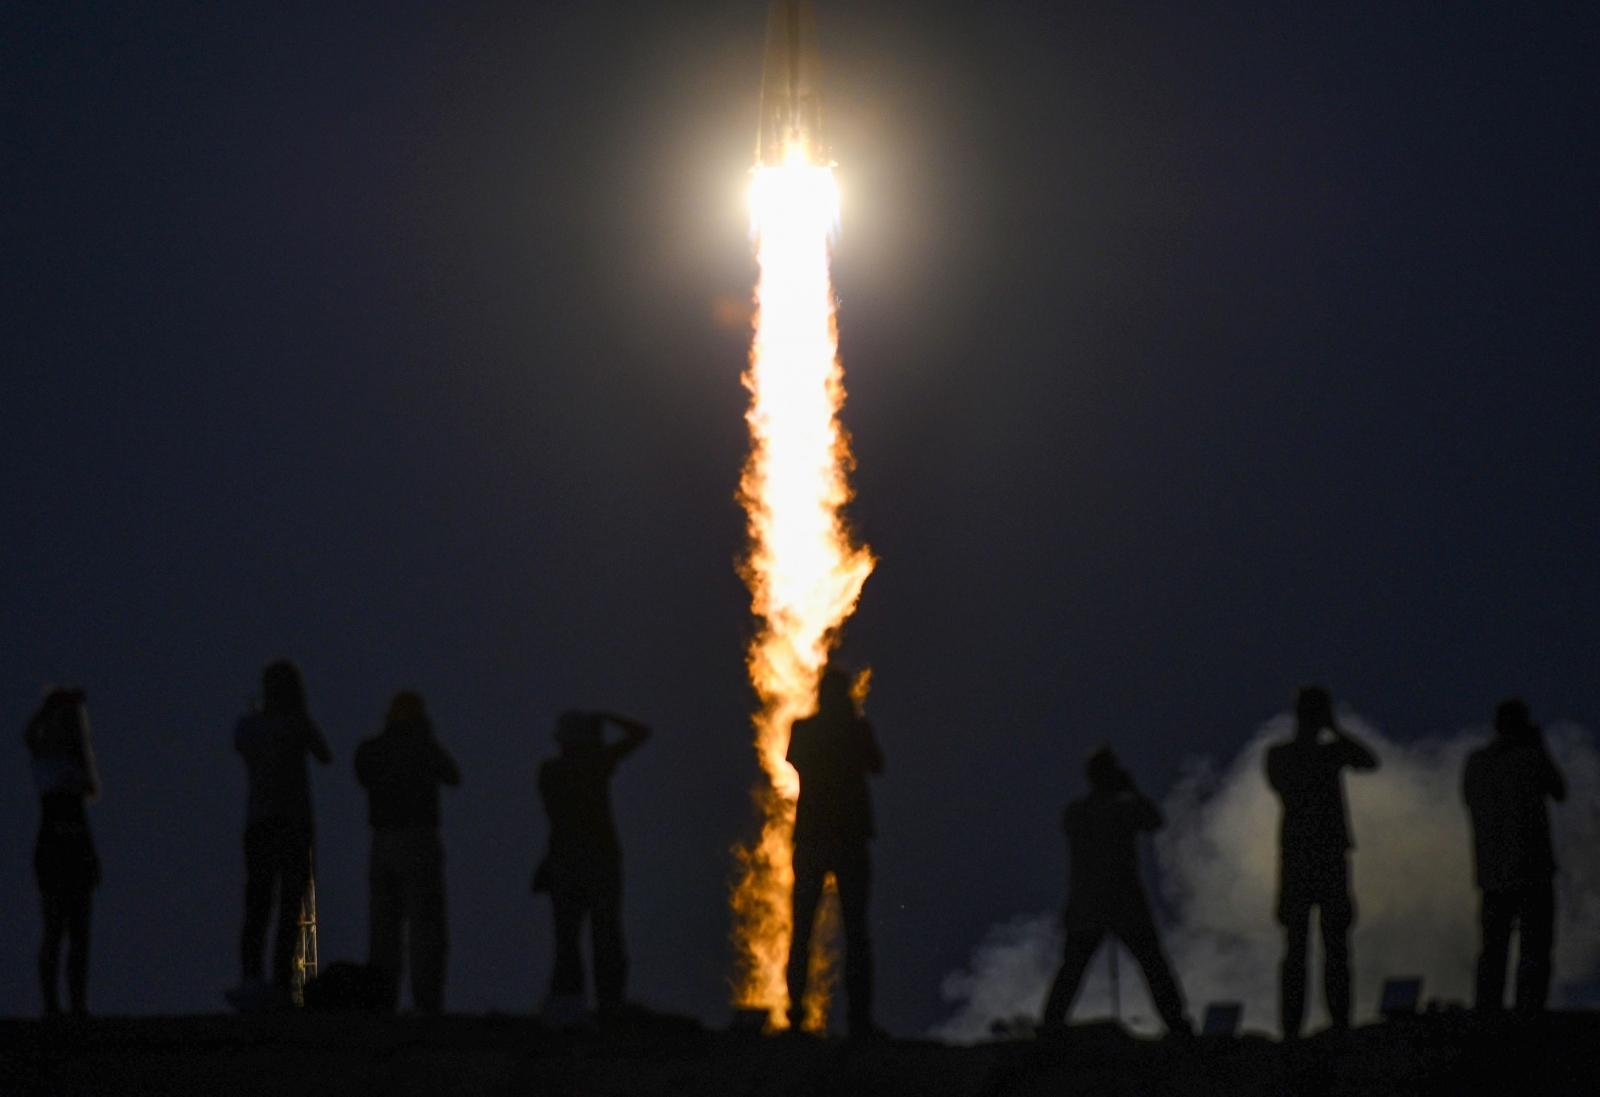 Russia's Soyuz MS-05 rocket